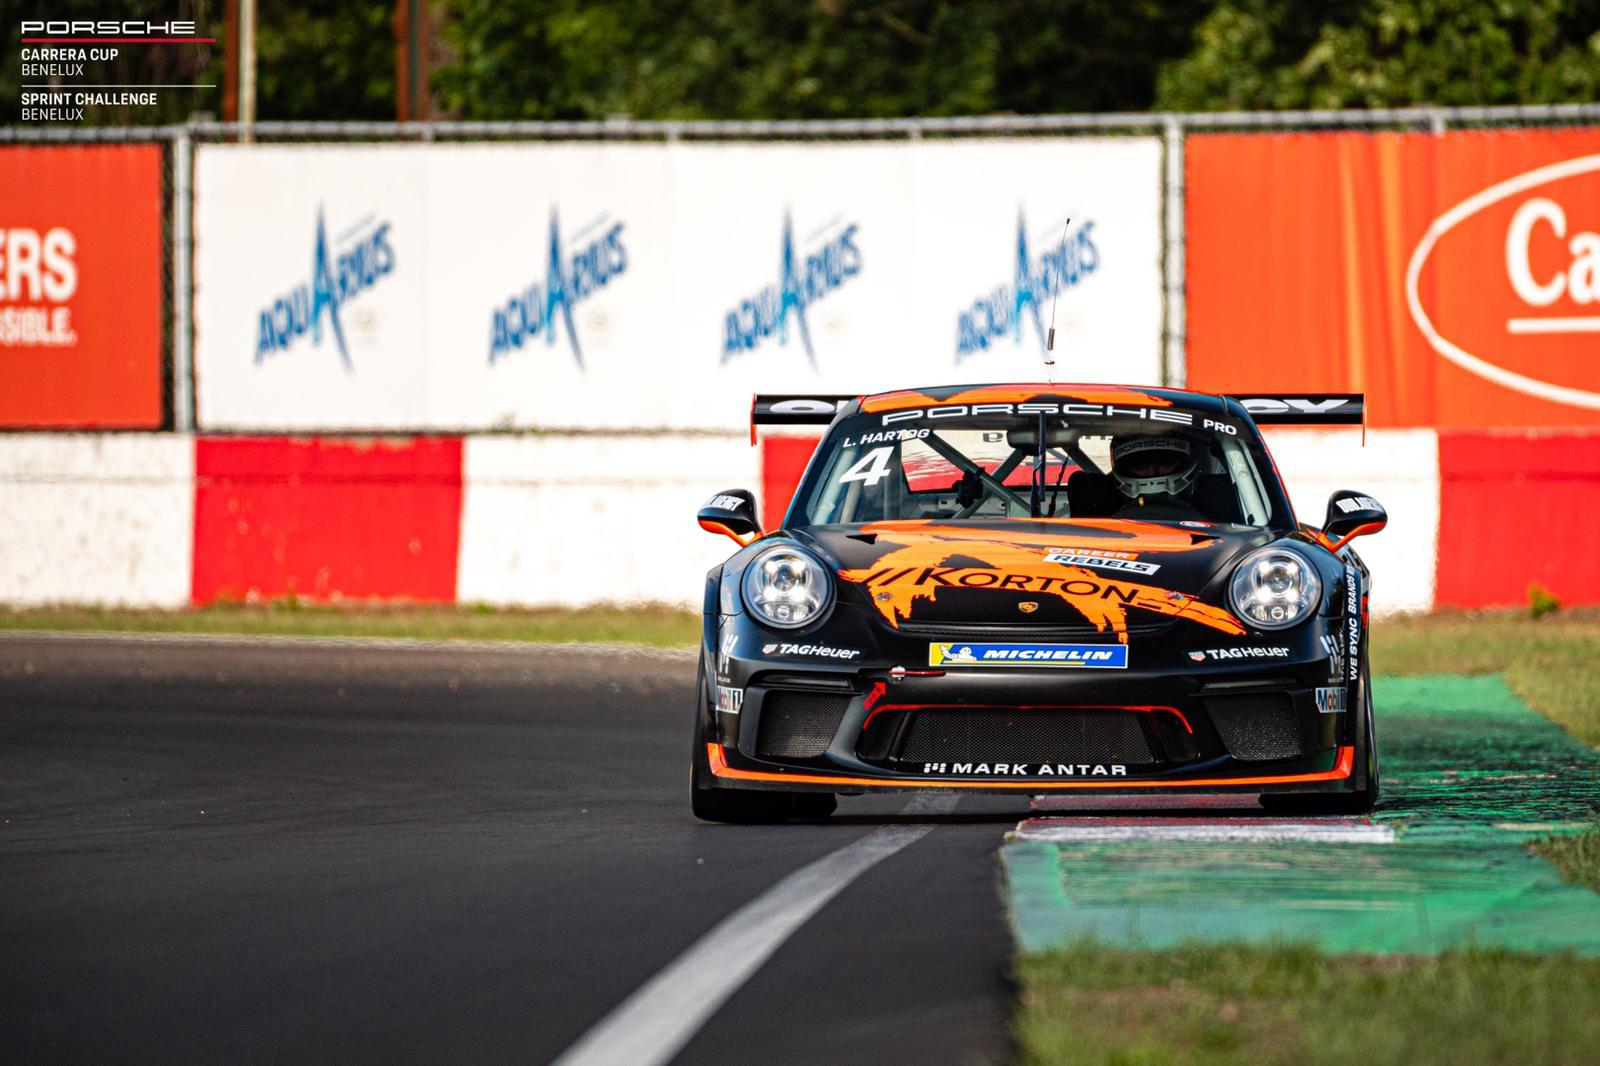 Bas Koeten Racing - Porsche Supercup - Loek Hartog on track